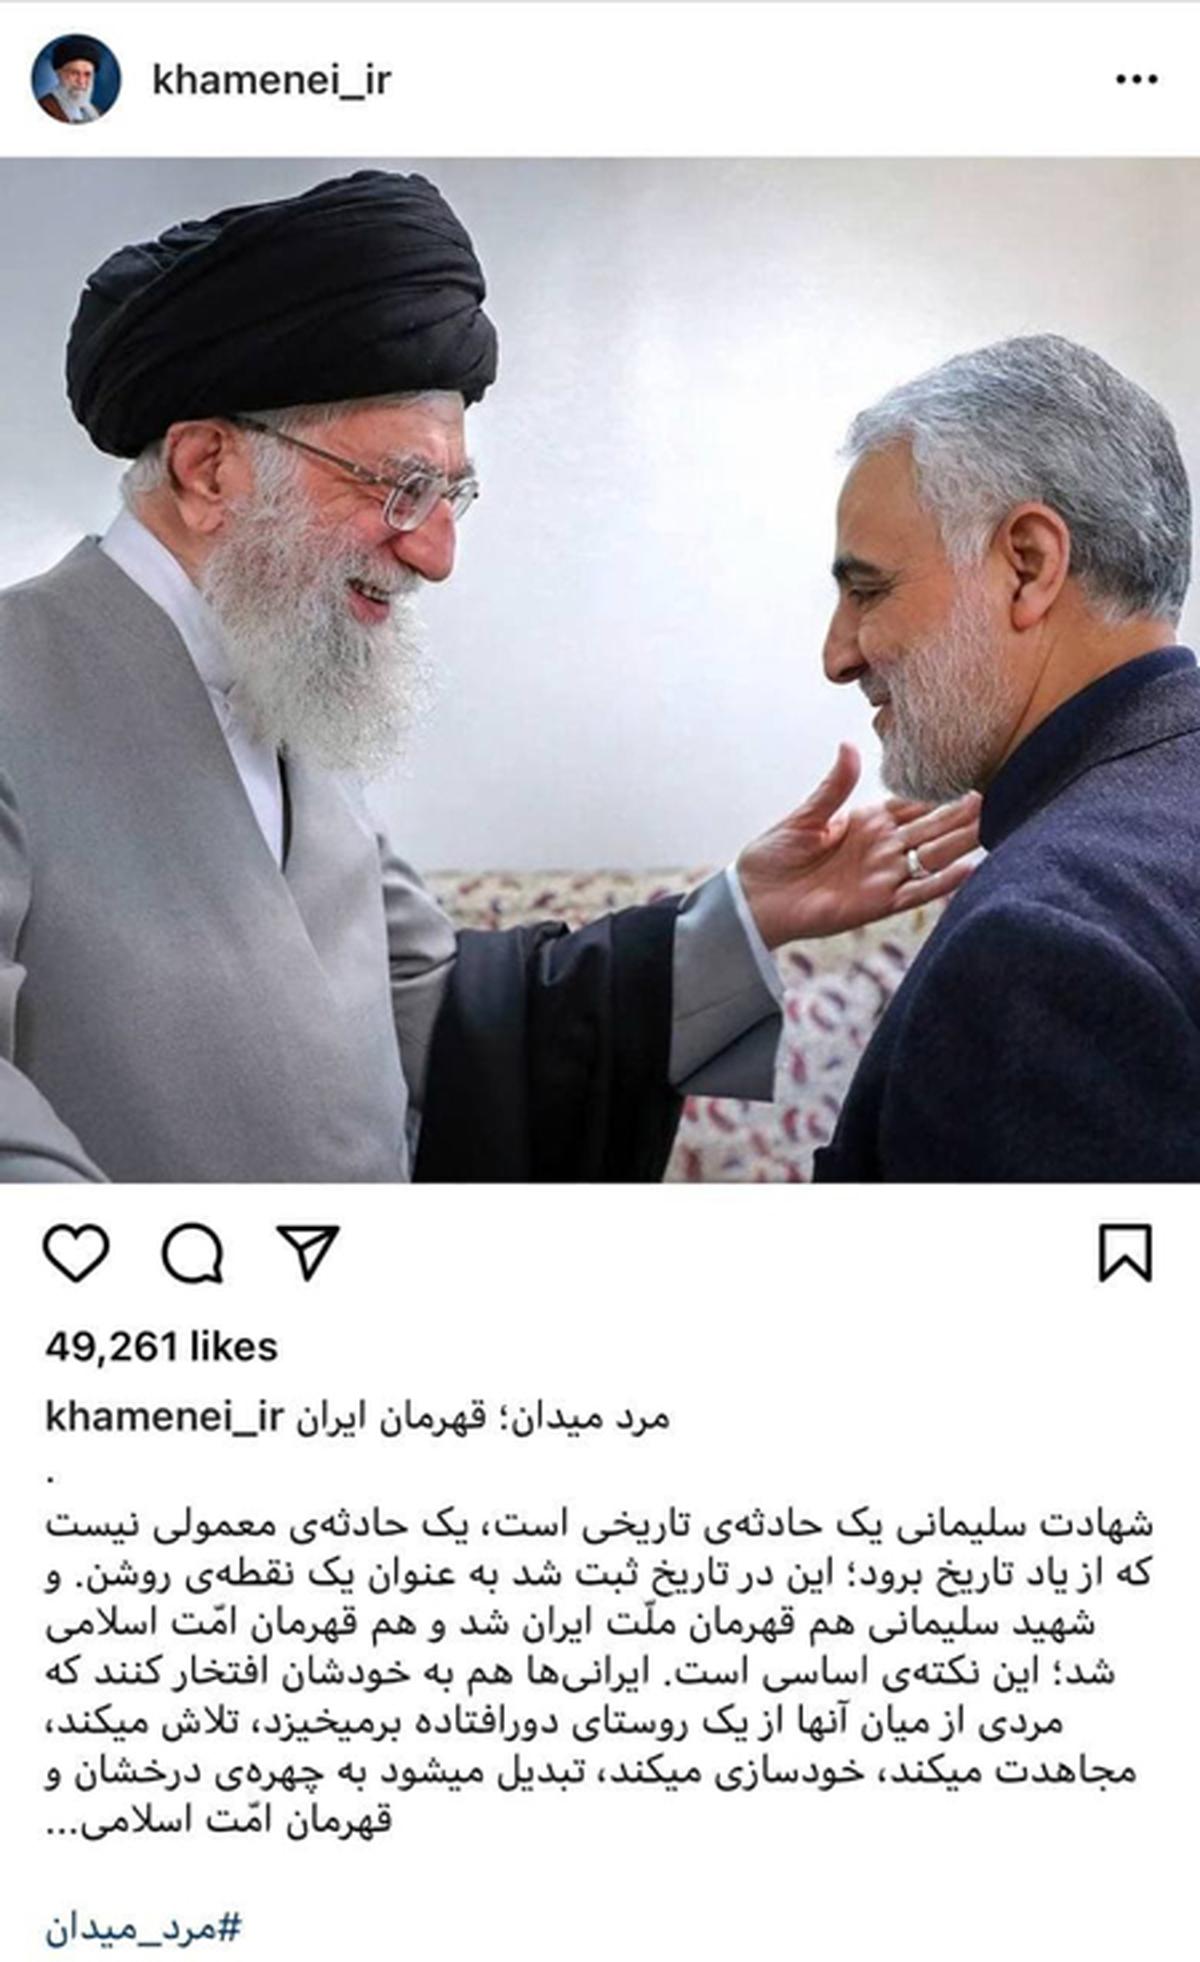 پست جدید سایت رهبر انقلاب همزمان با نخستین سالگرد شهادت سردار سلیمانی